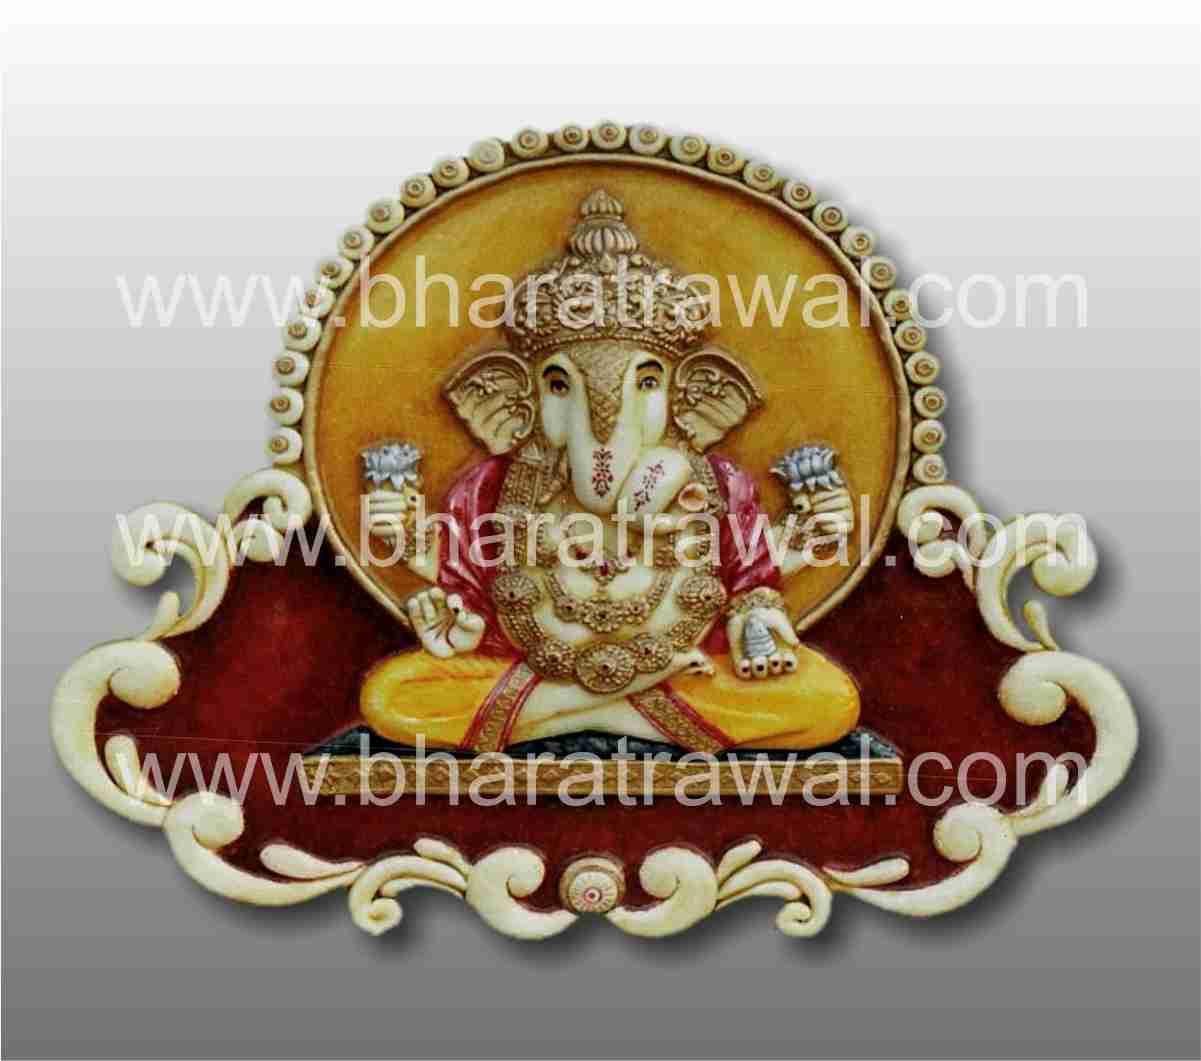 Mural art by muralguru bharat rawal ceramic murals a for 3d ceramic mural art